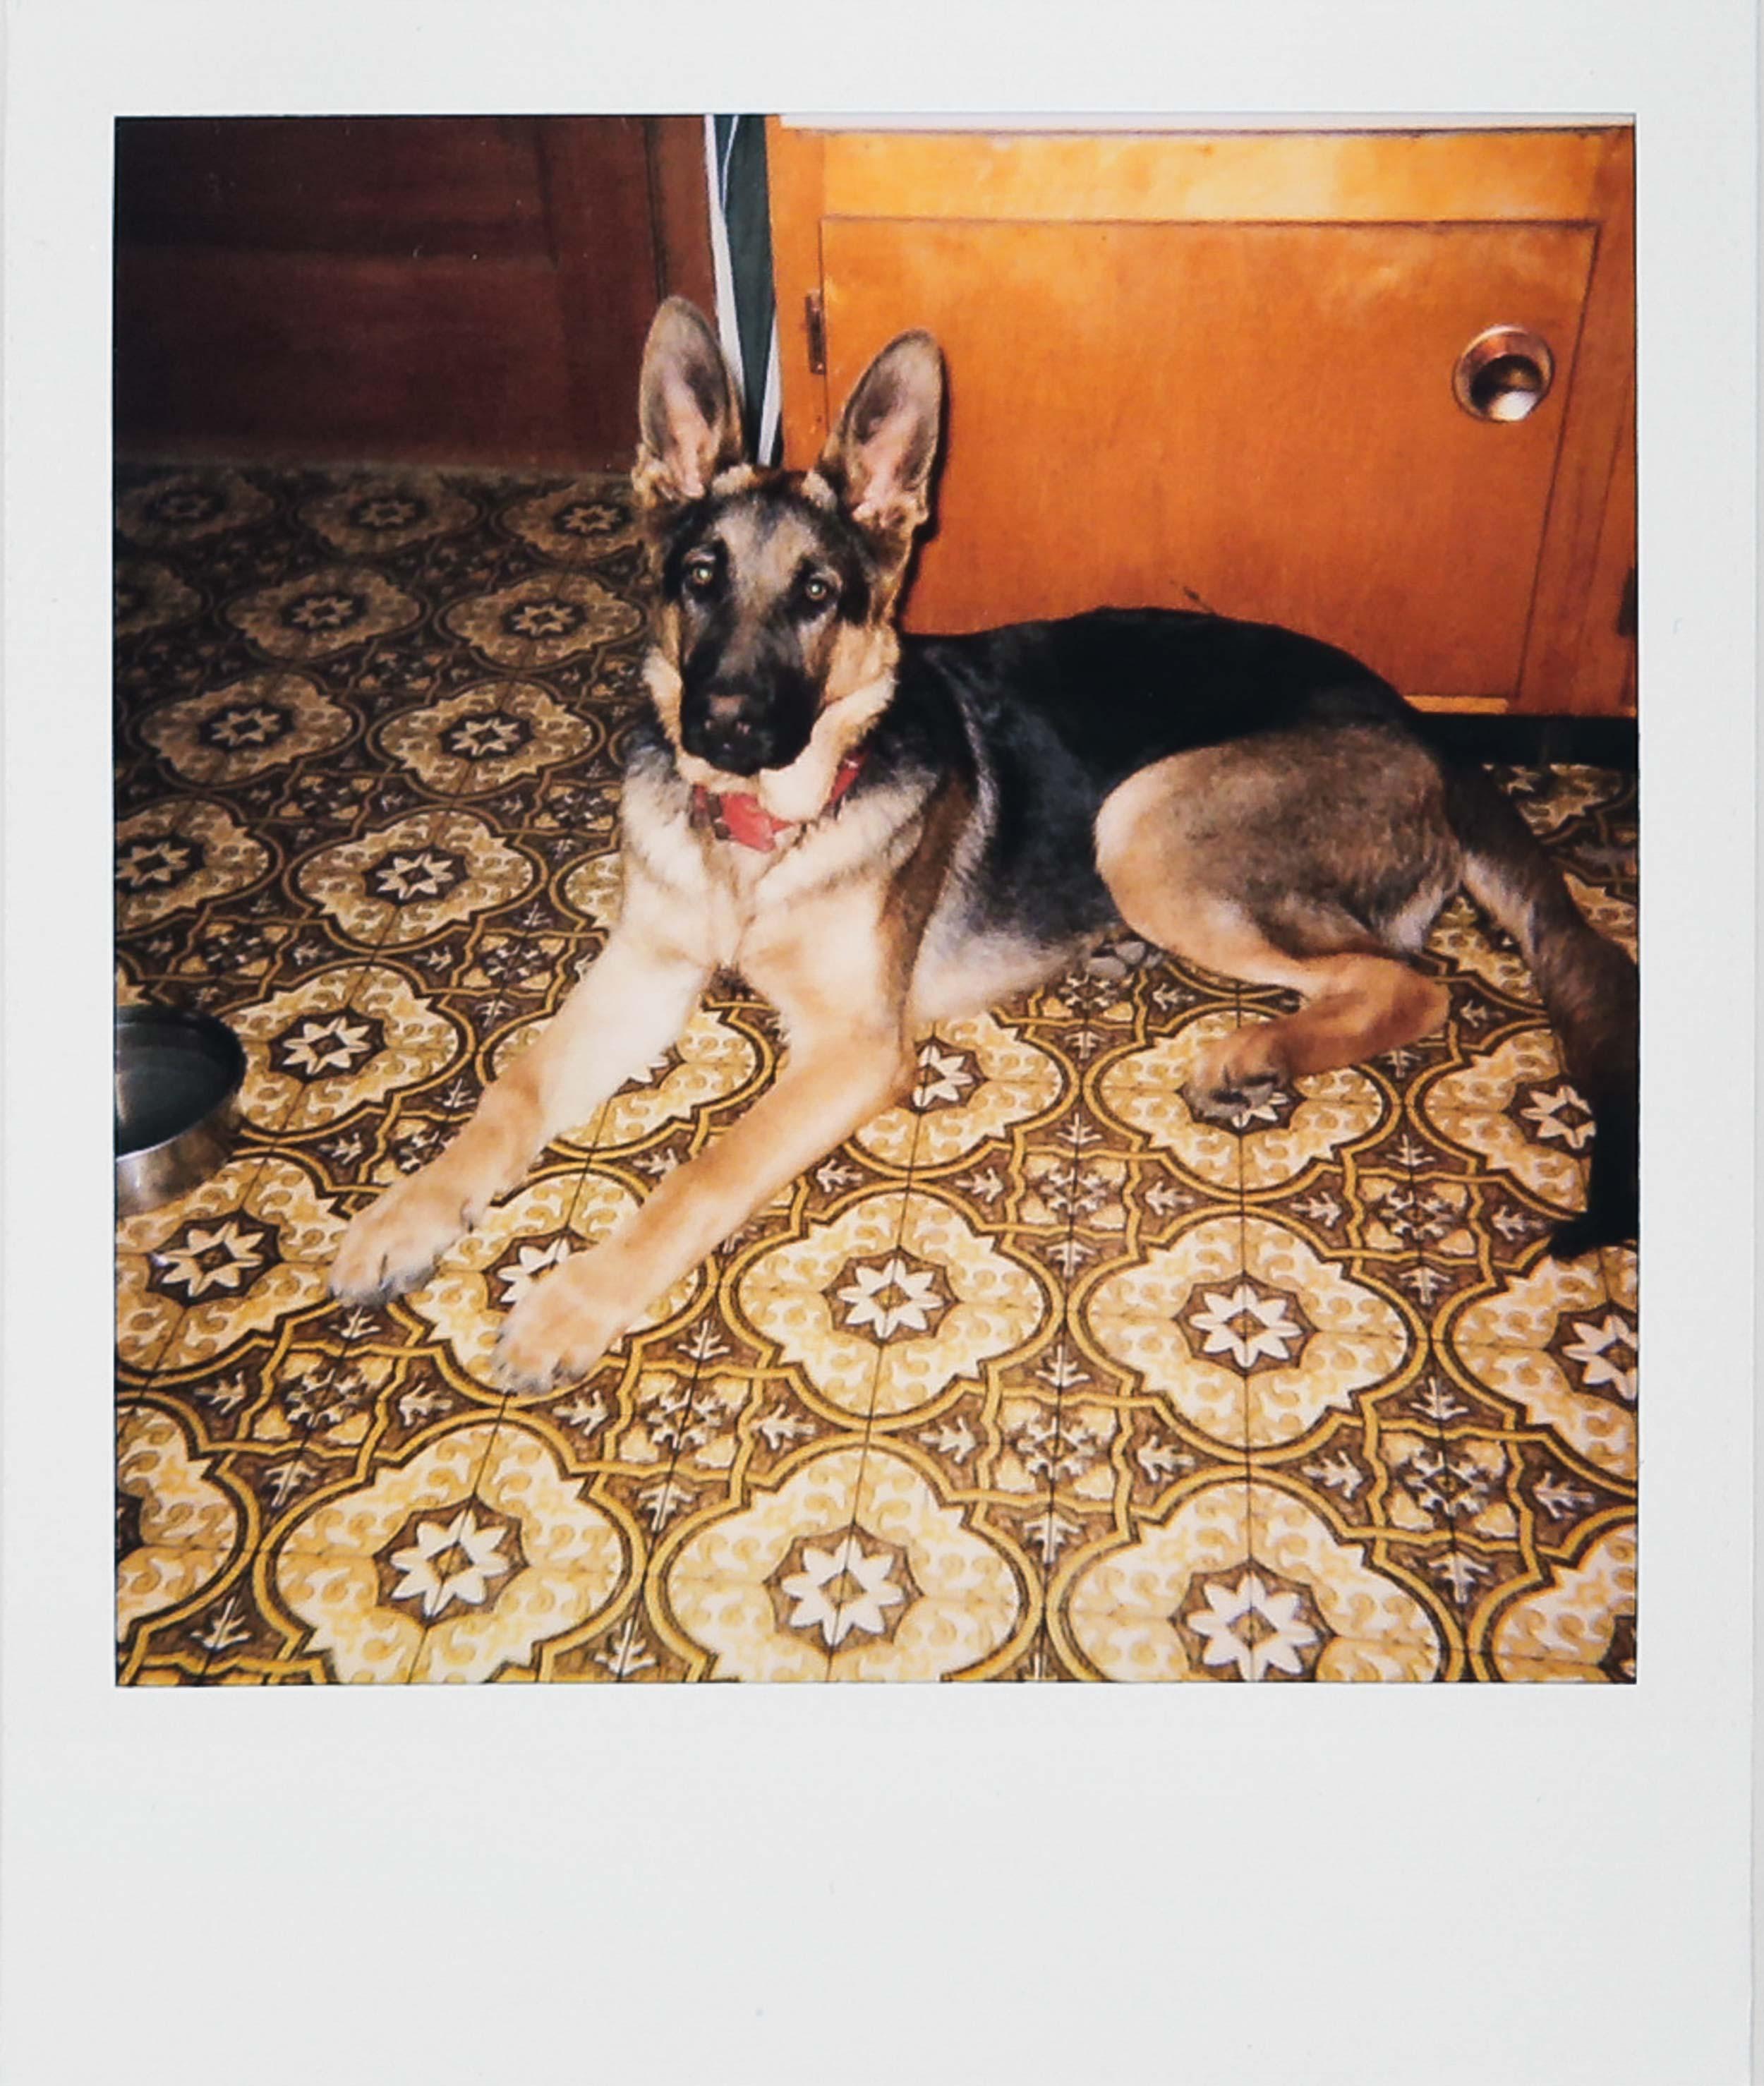 _dog-1T4A7464.jpg